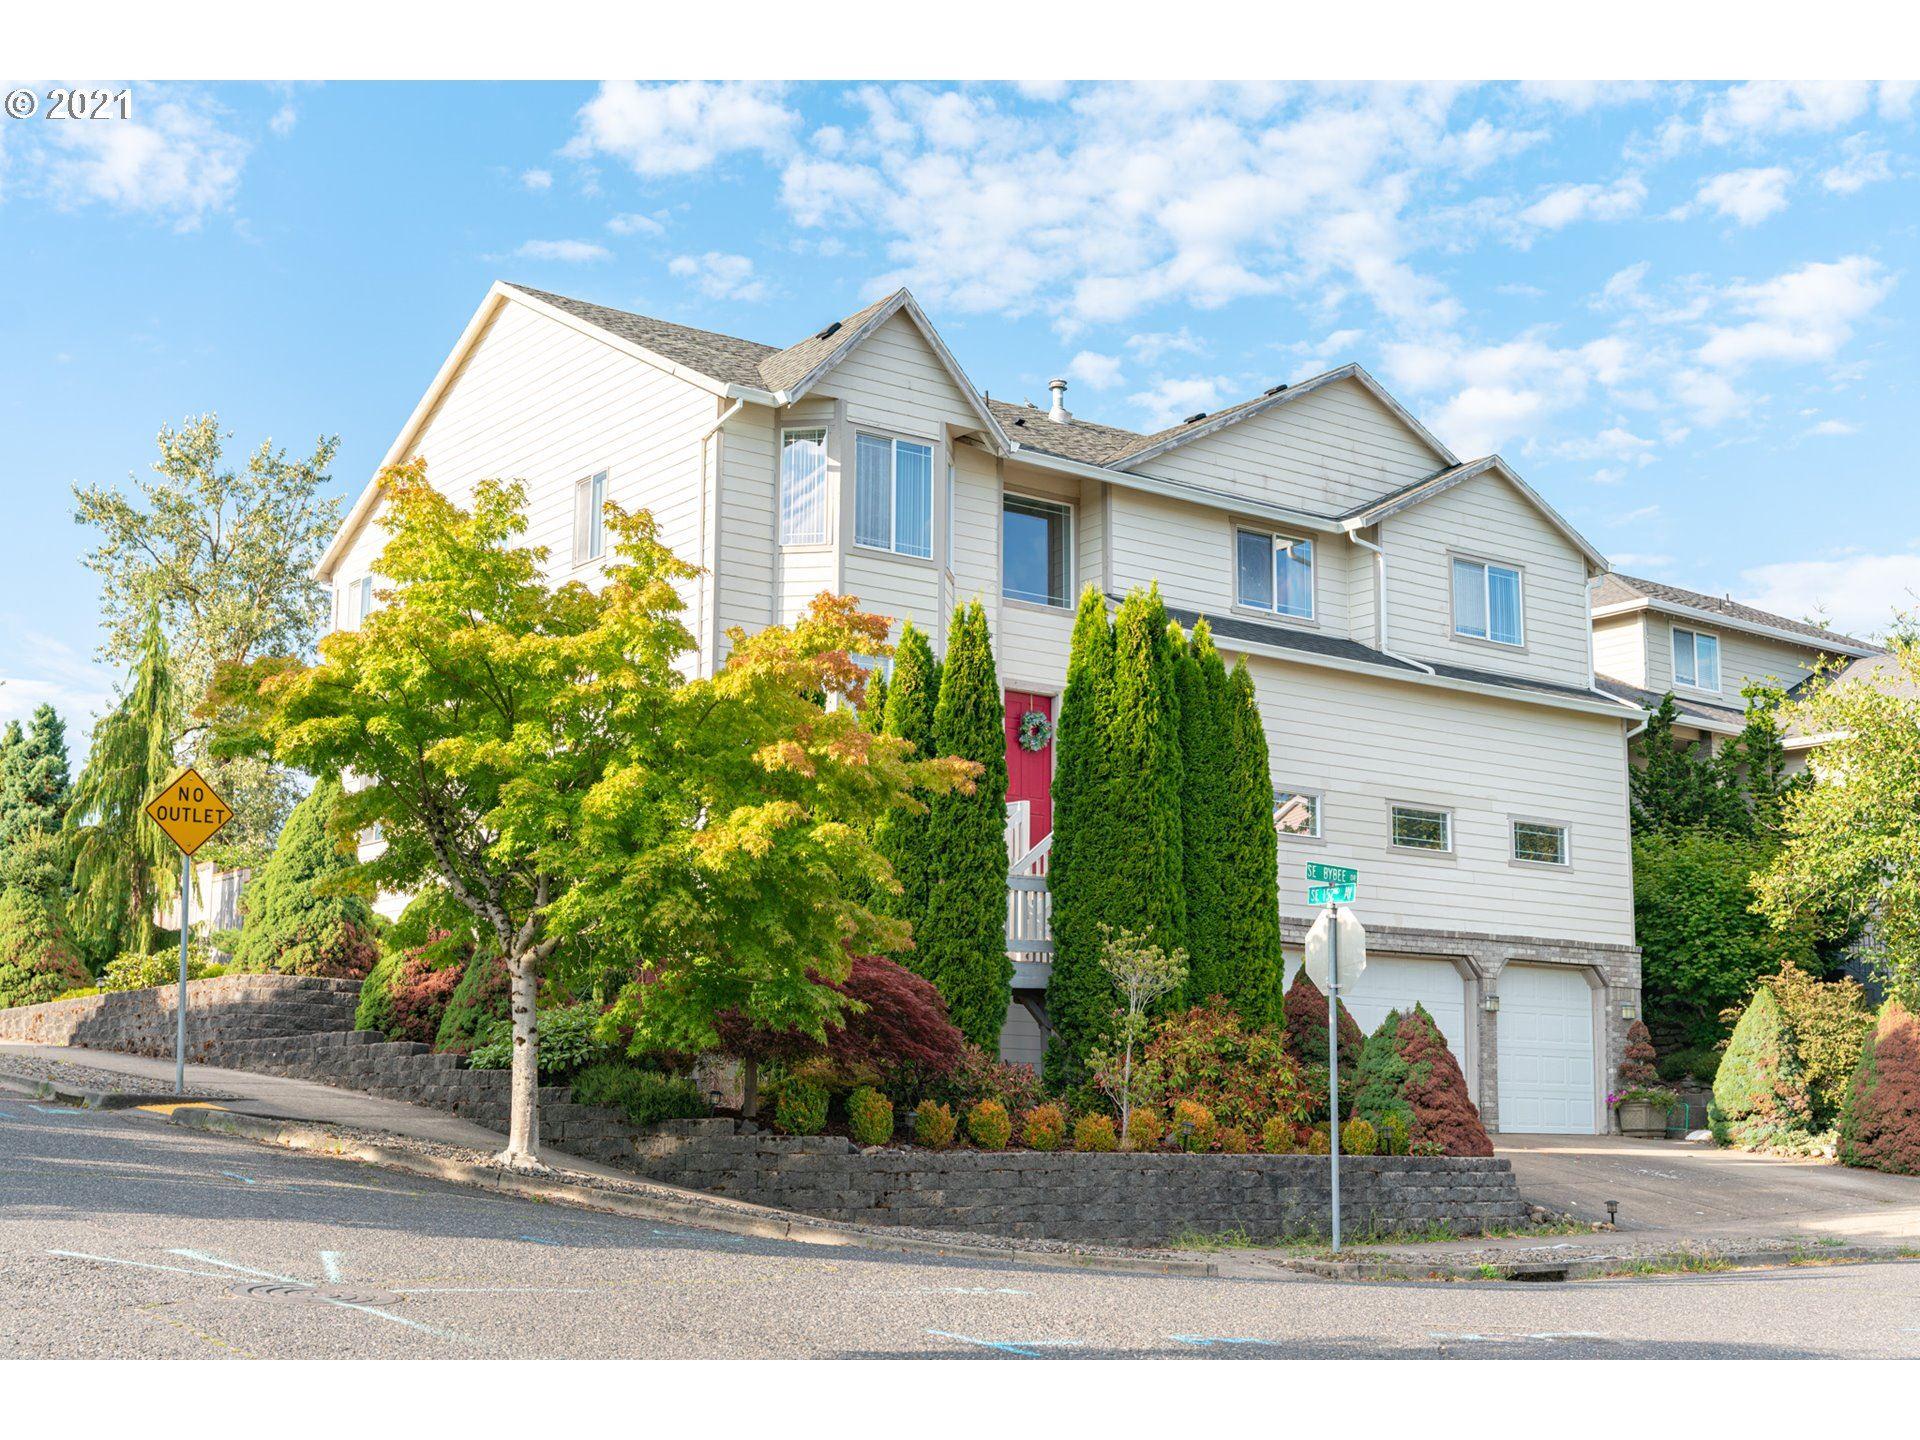 15303 SE BYBEE DR, Portland, OR 97236 - MLS#: 21308369